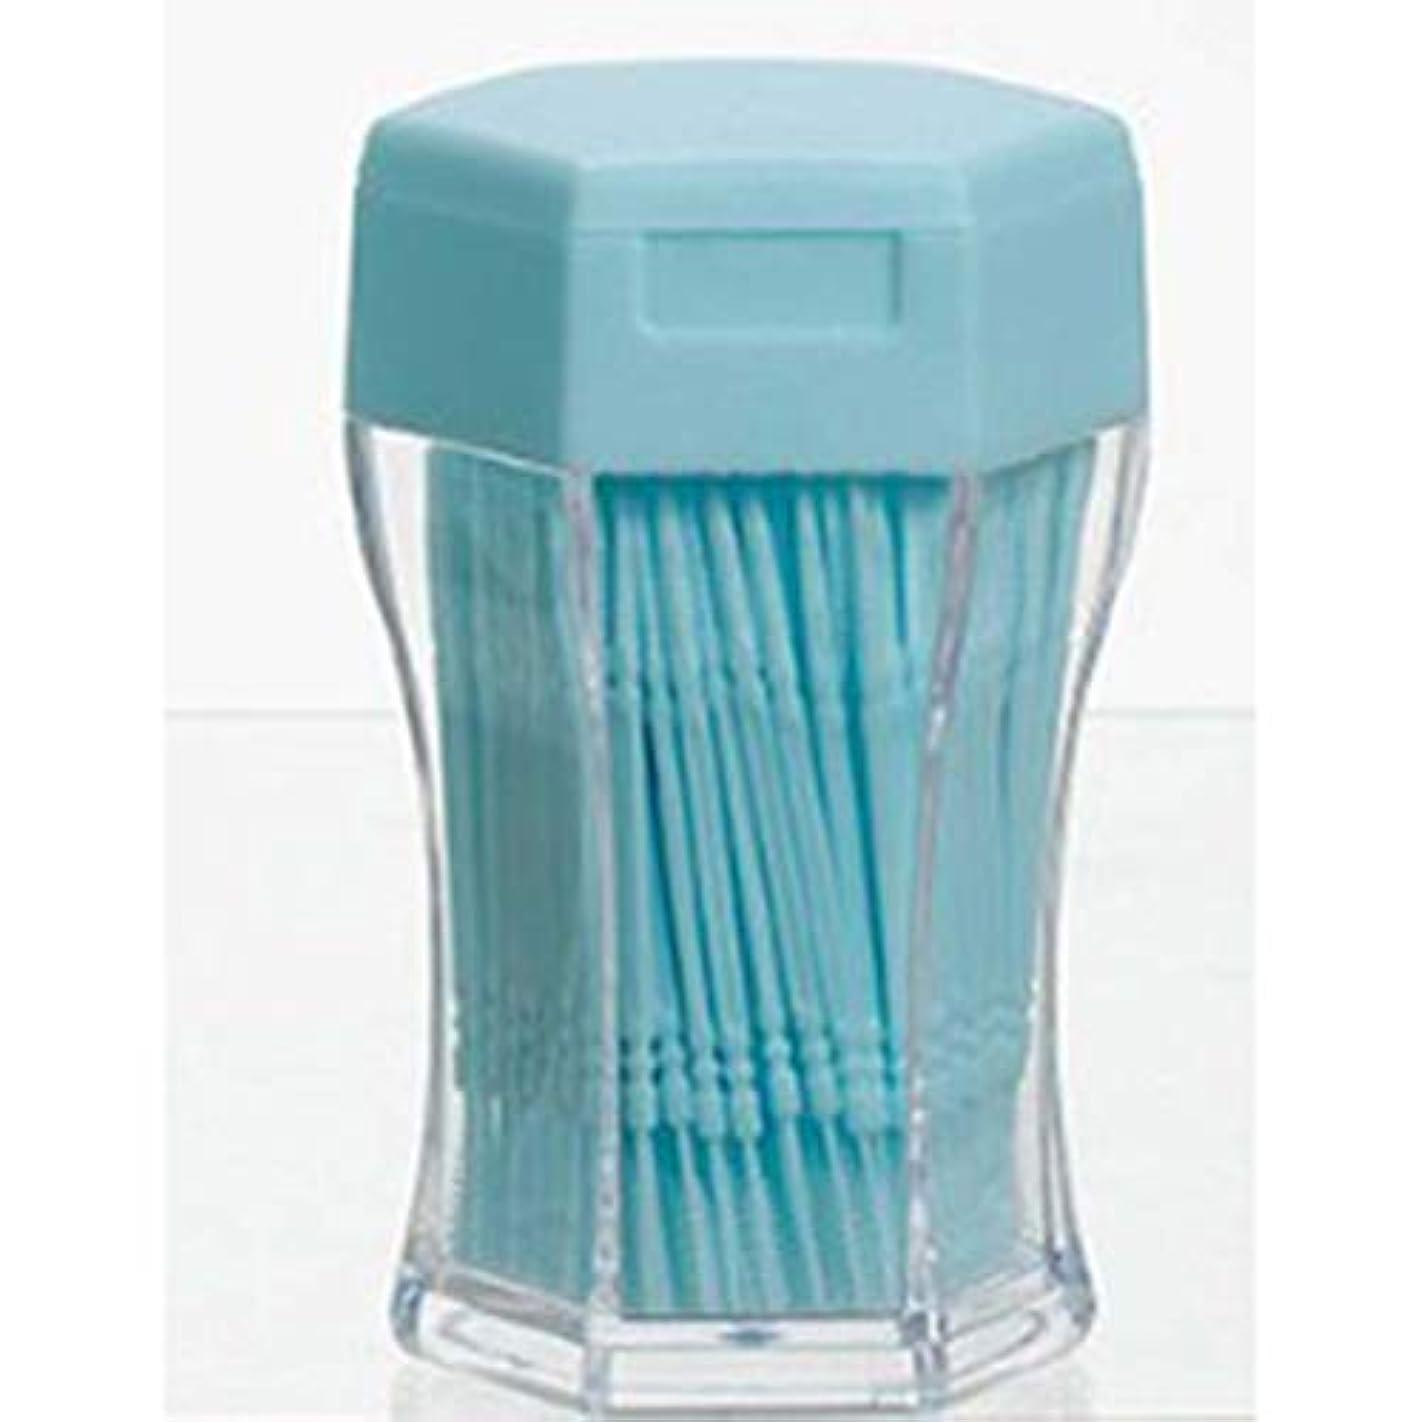 占めるベット絞る200ピース/セットダブルヘッド歯フロス衛生デンタルフロスプラスチック歯間つまようじ健康用歯のクリーニングオーラルケア - ブルー